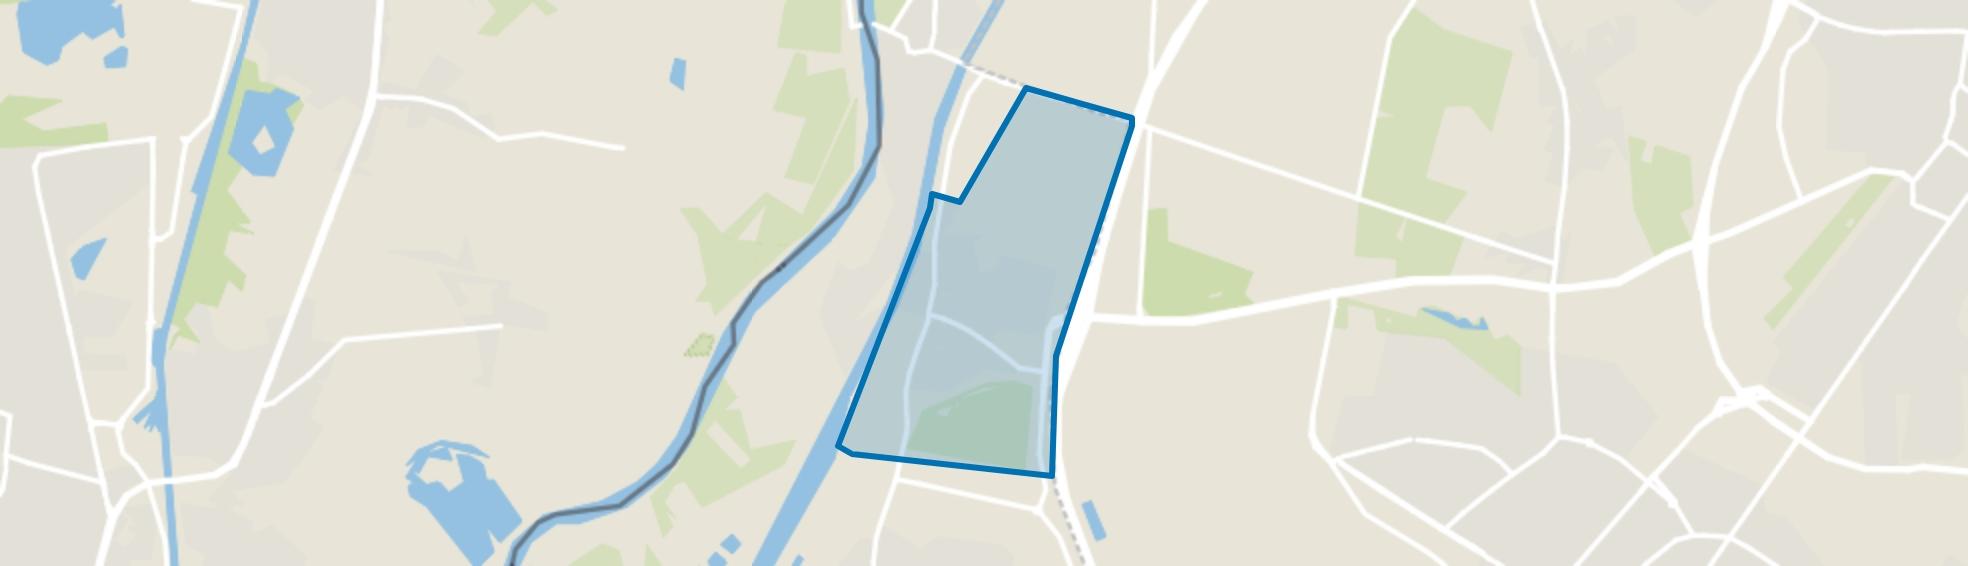 Urmond ten oosten van Julianakanaal, Urmond map